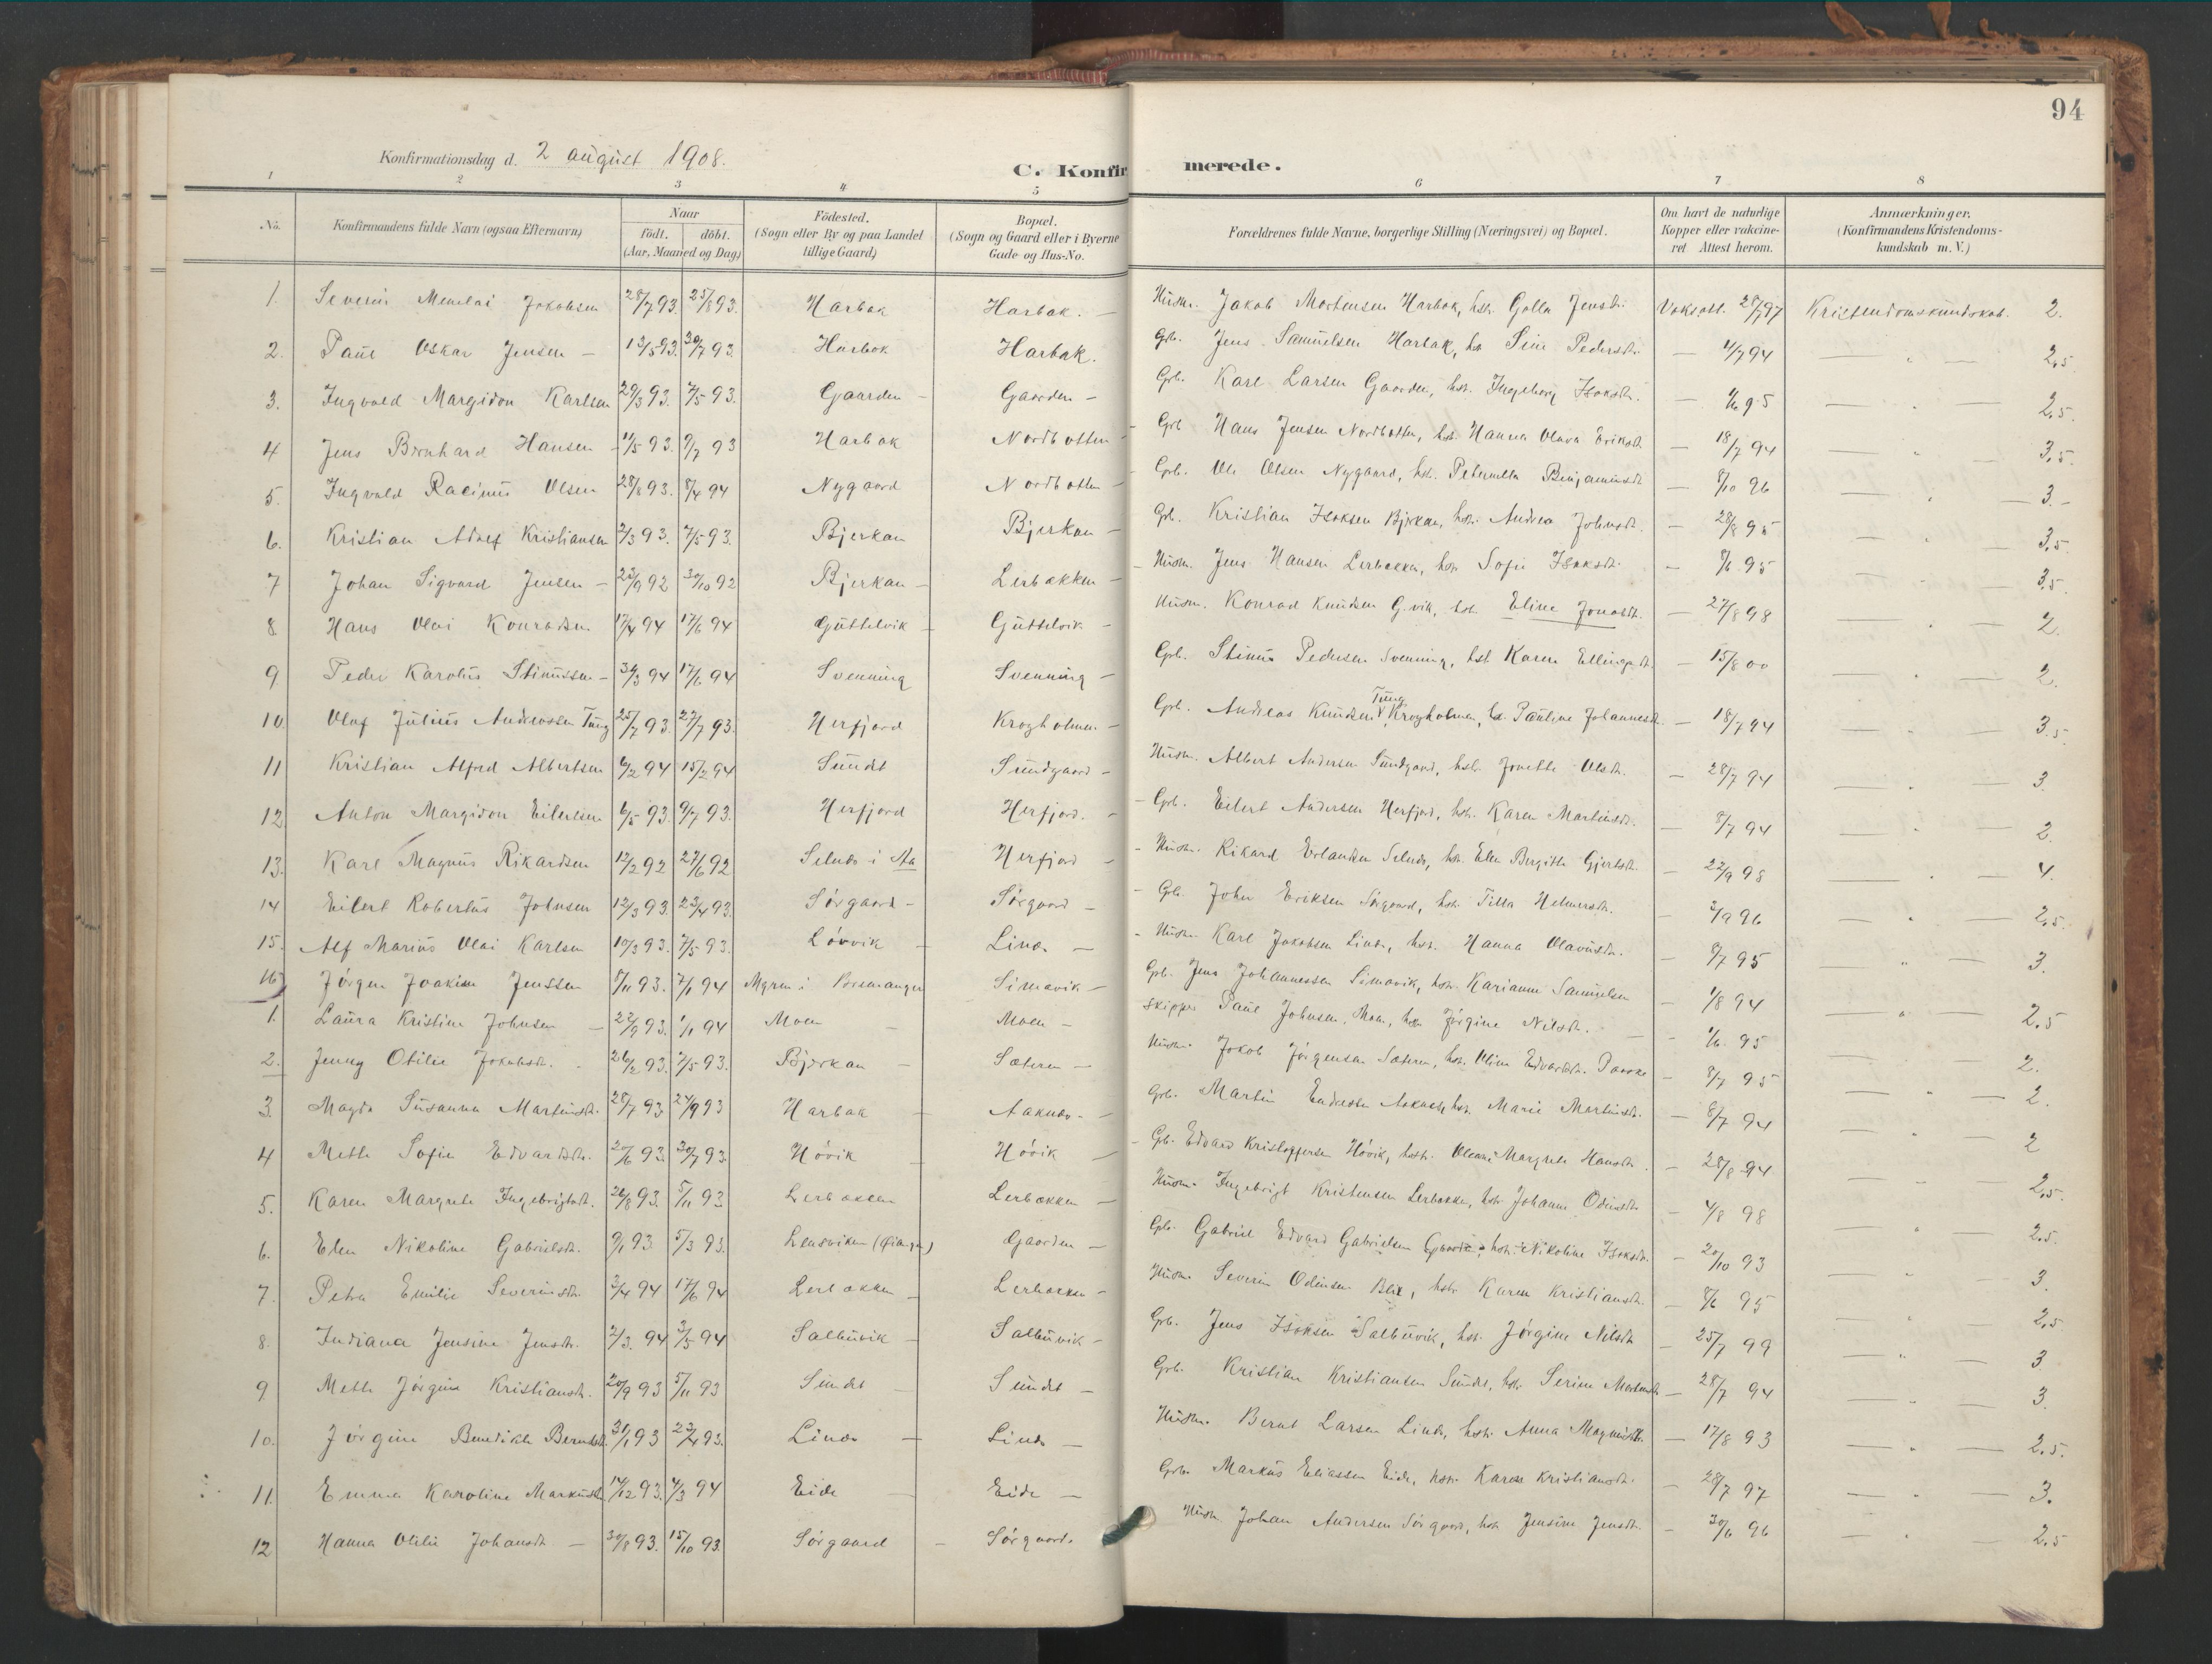 SAT, Ministerialprotokoller, klokkerbøker og fødselsregistre - Sør-Trøndelag, 656/L0693: Ministerialbok nr. 656A02, 1894-1913, s. 94